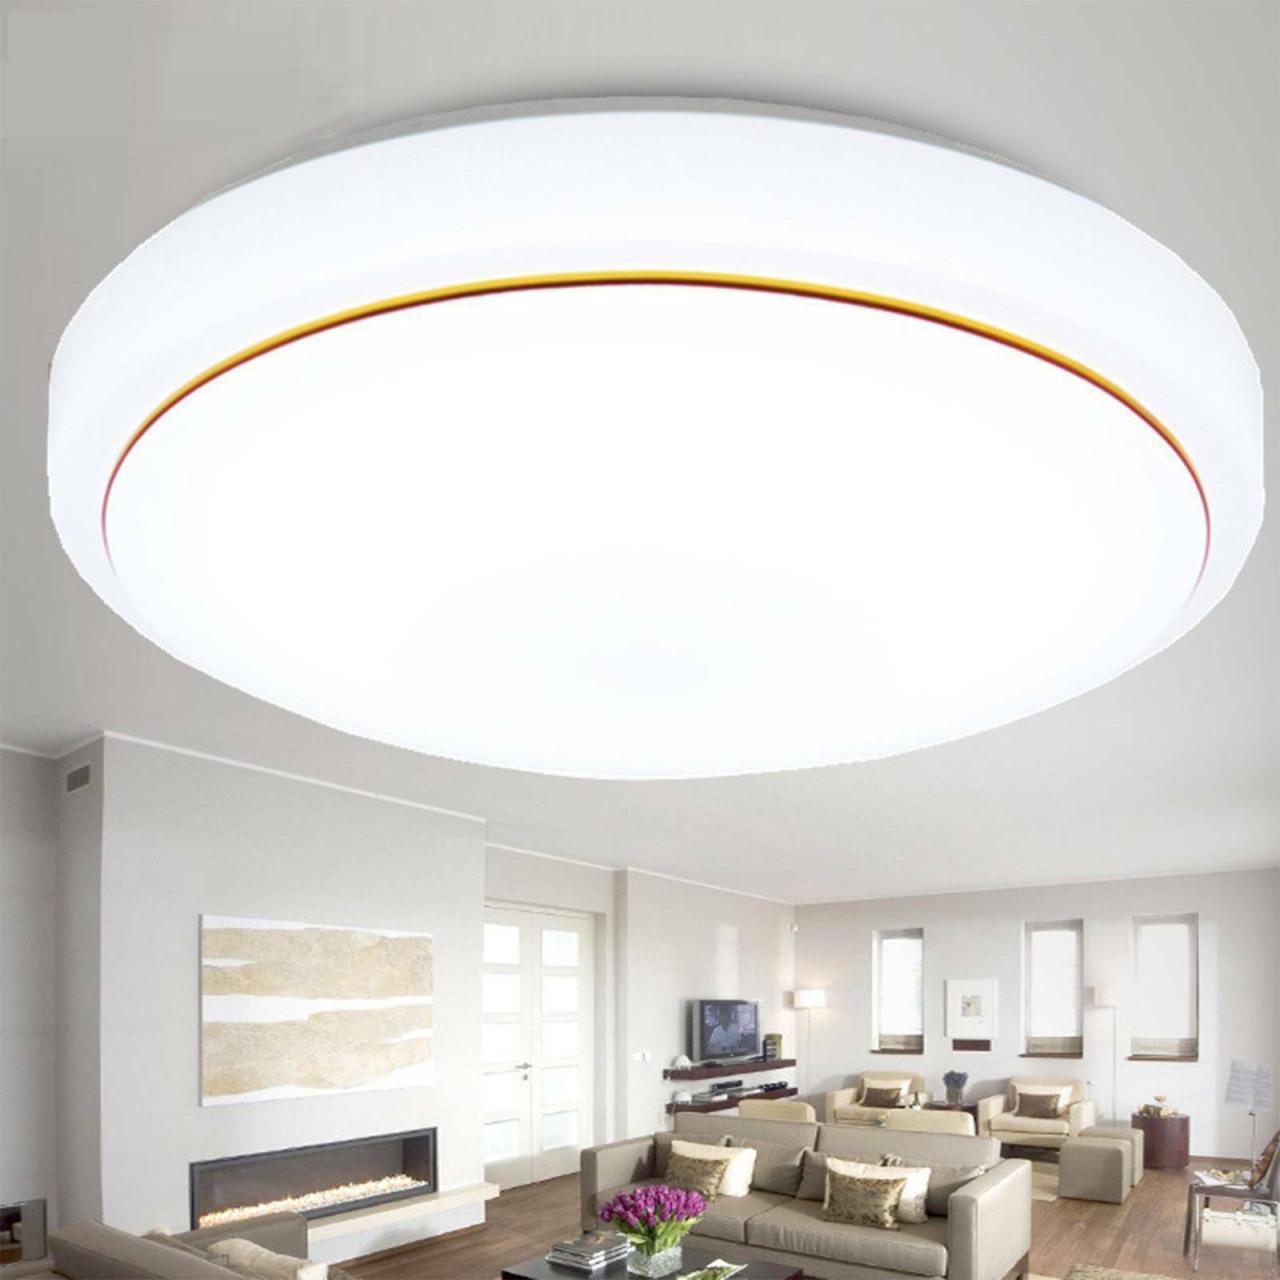 36W Led Deckenlampe Deckenleuchte Wohnzimmer Küchen Lampe Küche 40Cm Runde  Licht von Deckenlampe Wohnzimmer Led Bild